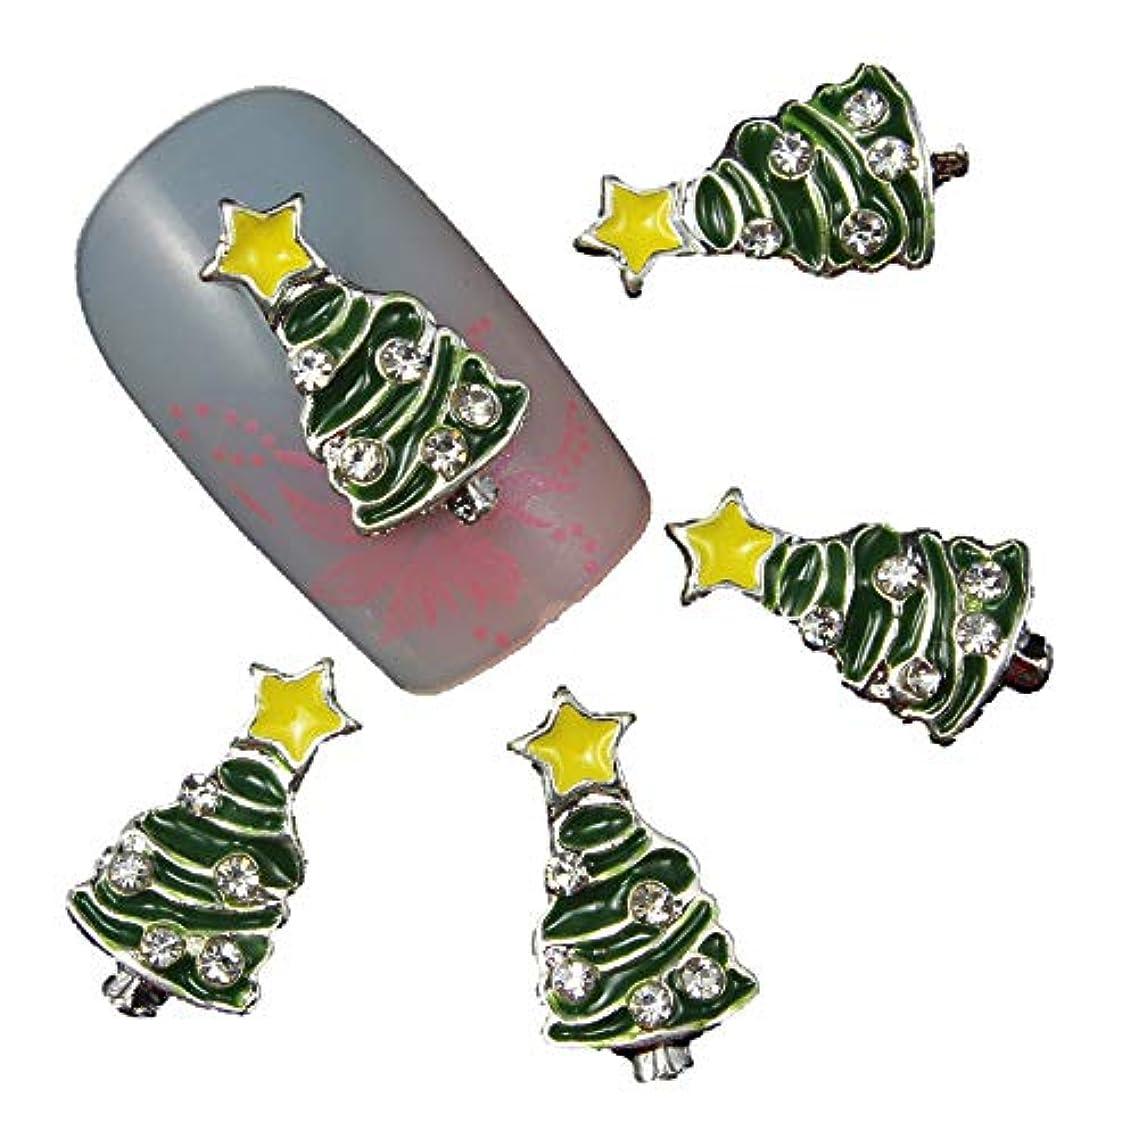 アーサーにんじん平日10個/ロット3Dクリスマスツリーのネイルアートマジックカラーデザインのスタッドは、美容ネイルチャームラインストーン用品